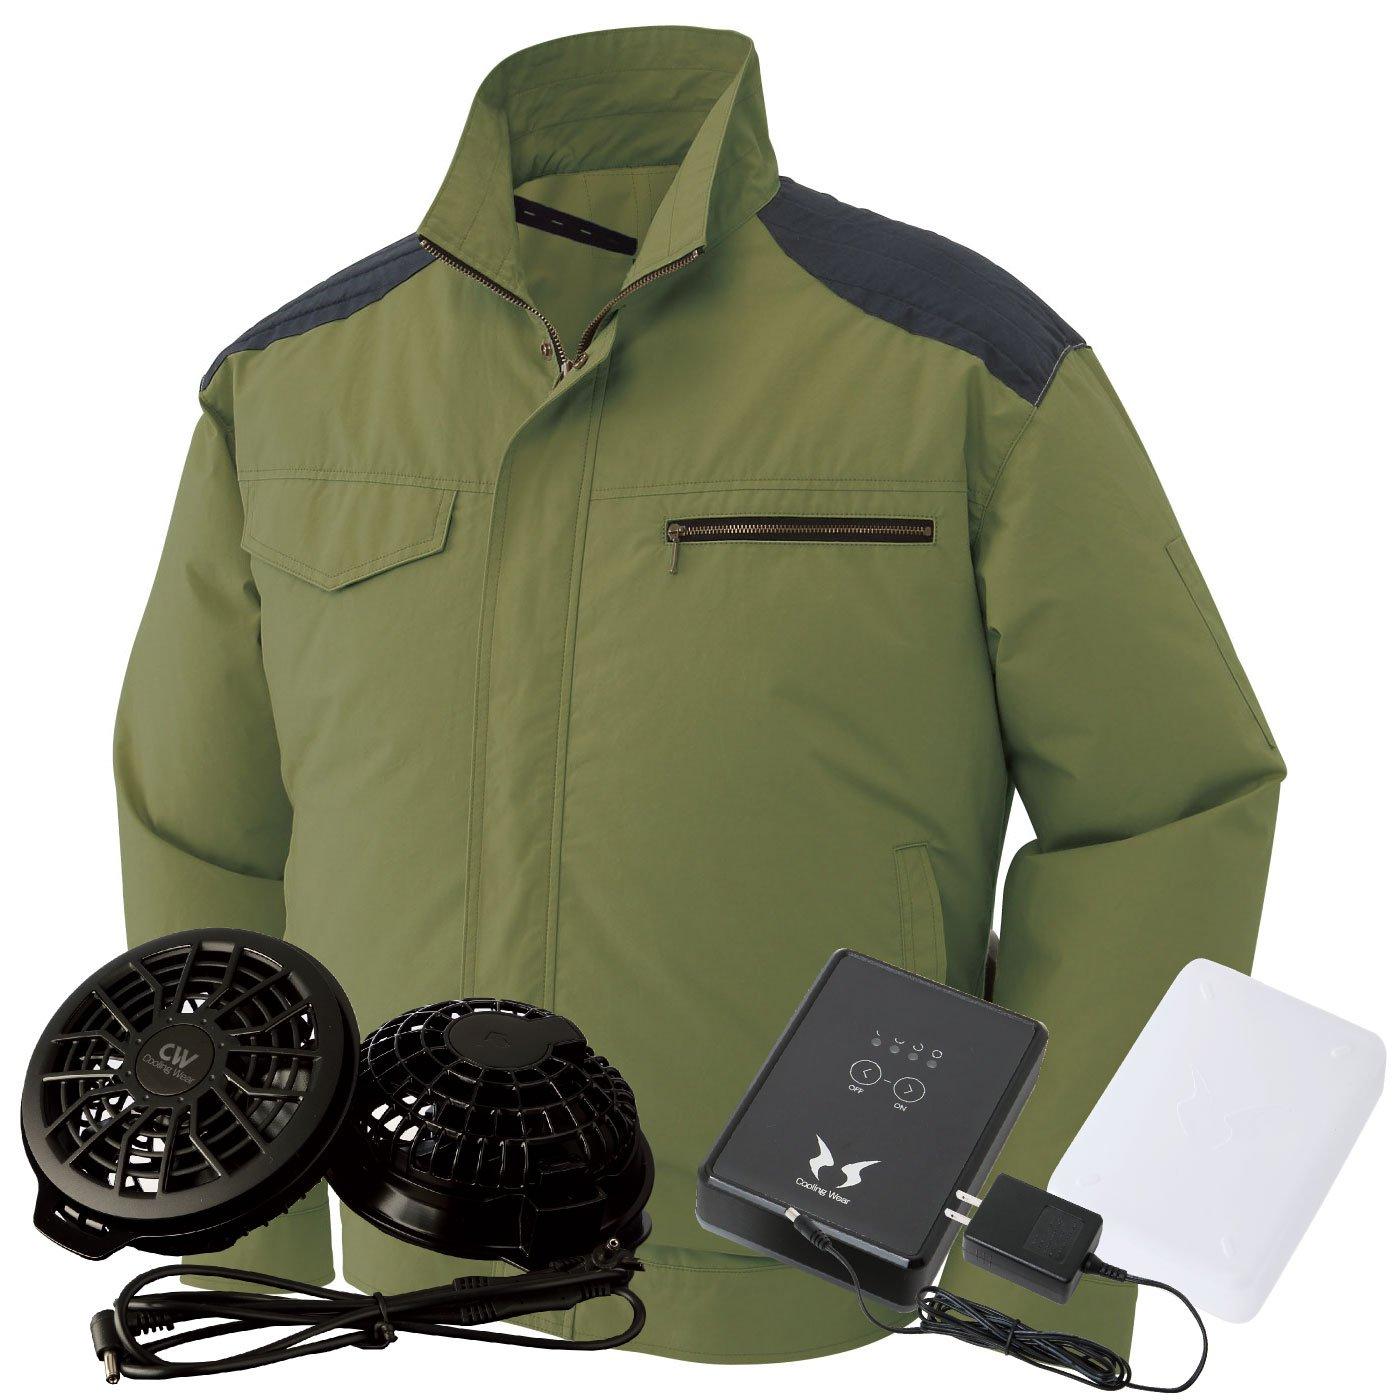 サンエス(SUN-S) 空調風神服 (空調服+ファンRD9820R+バッテリーRD9870J) ss-ku93500-l B07BTRVJLT 5L|ディープグリーン/黒ファン ディープグリーン/黒ファン 5L